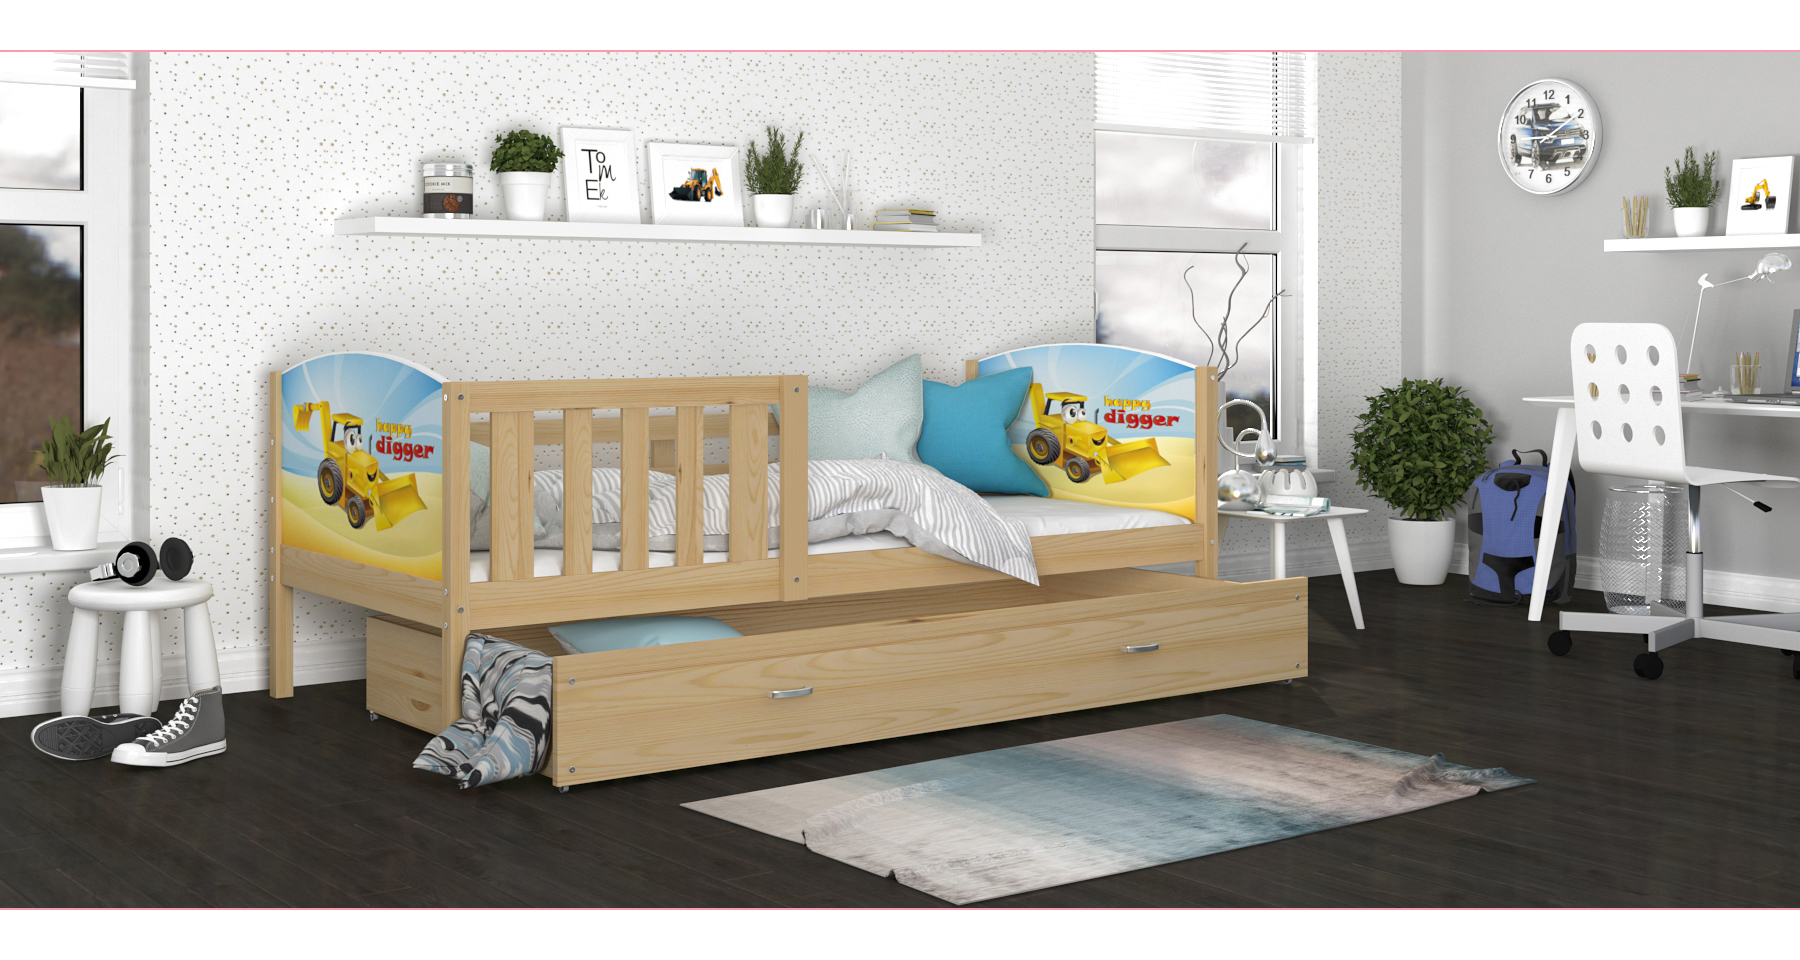 ArtAJ Detská posteľ Tami P / borovica Tami rozmer: 160 x 80 cm, Tami typ: bez matraca